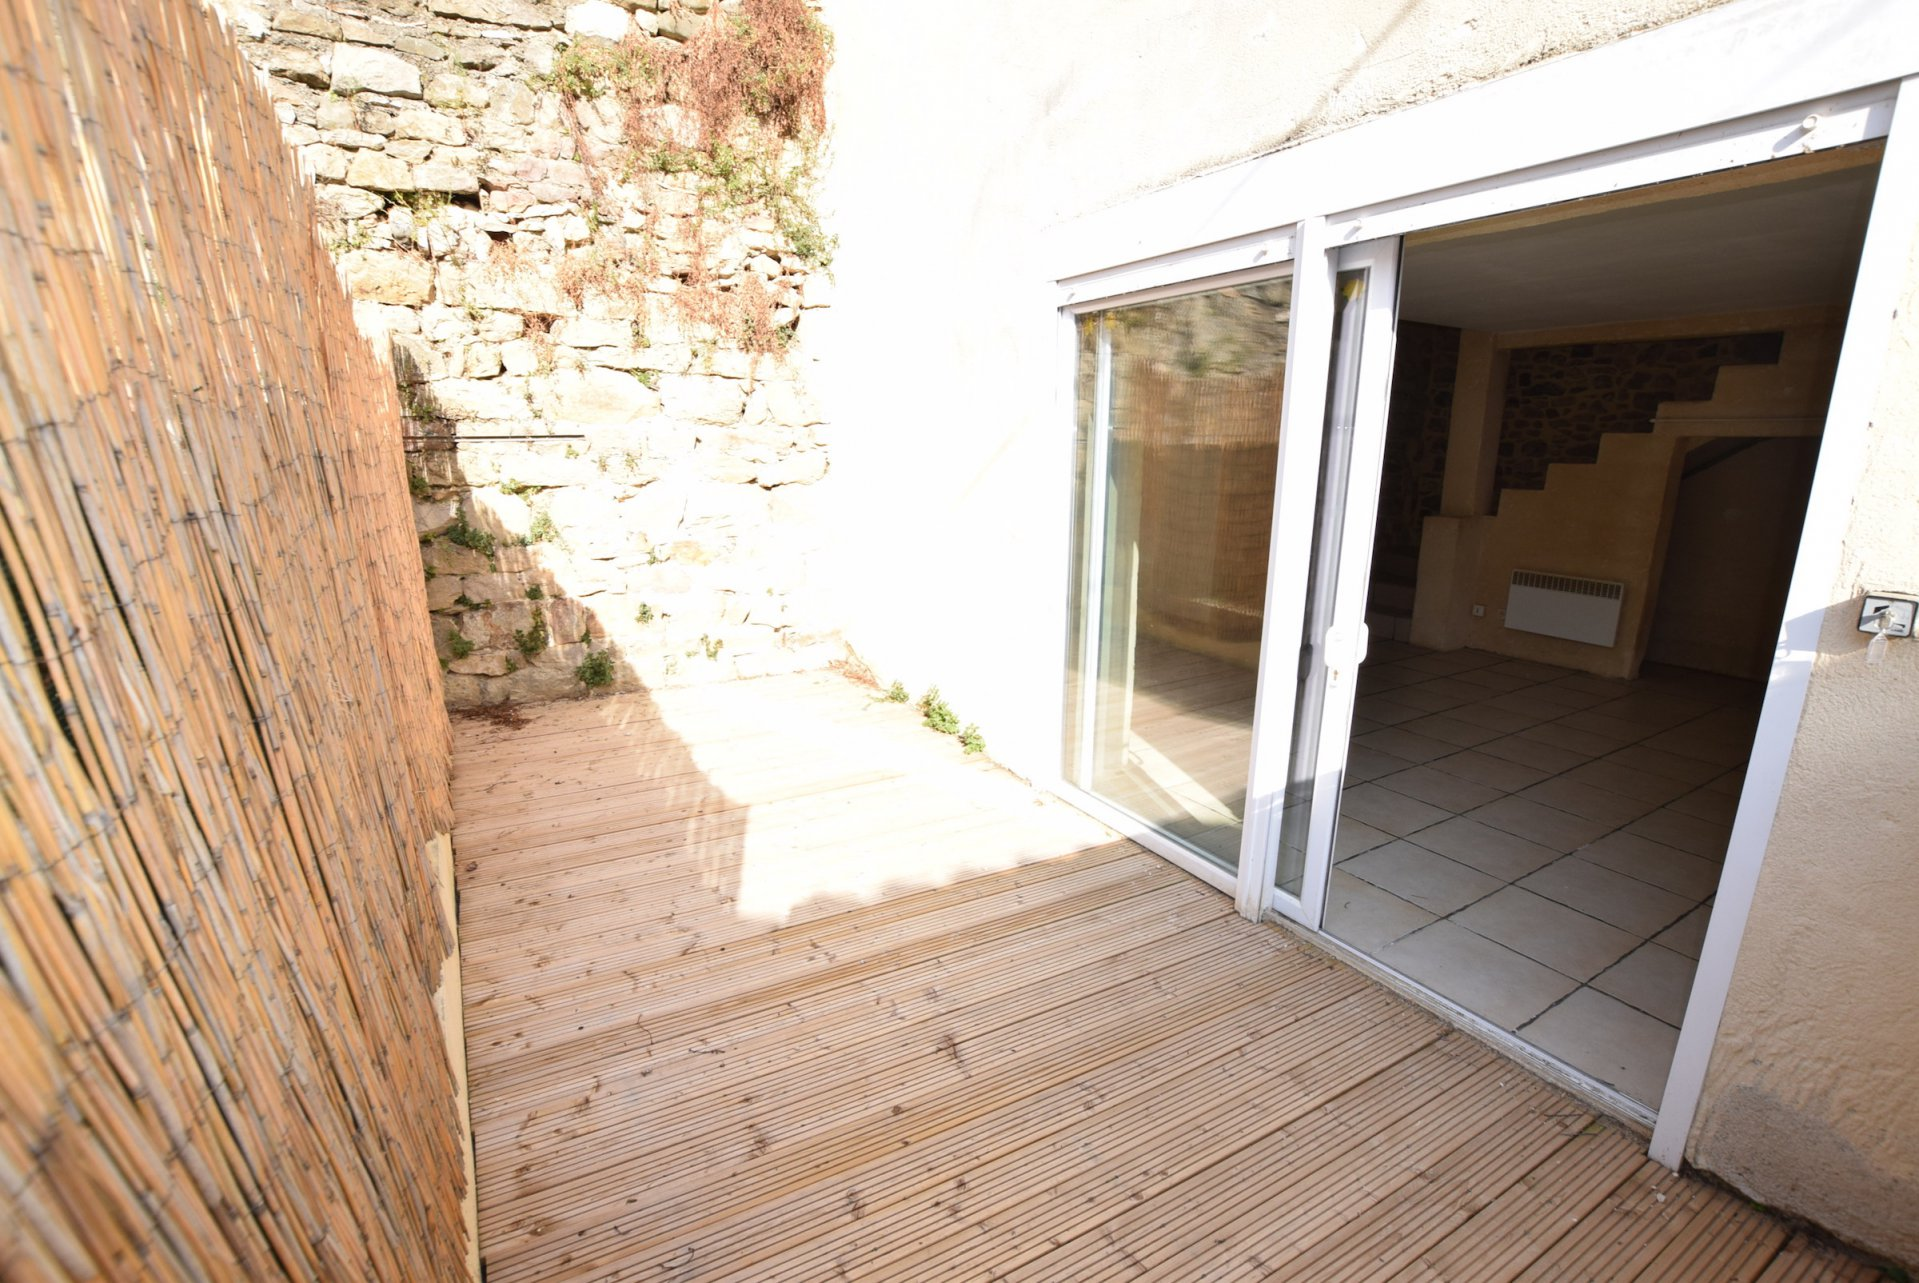 Maison en pierre avec cour